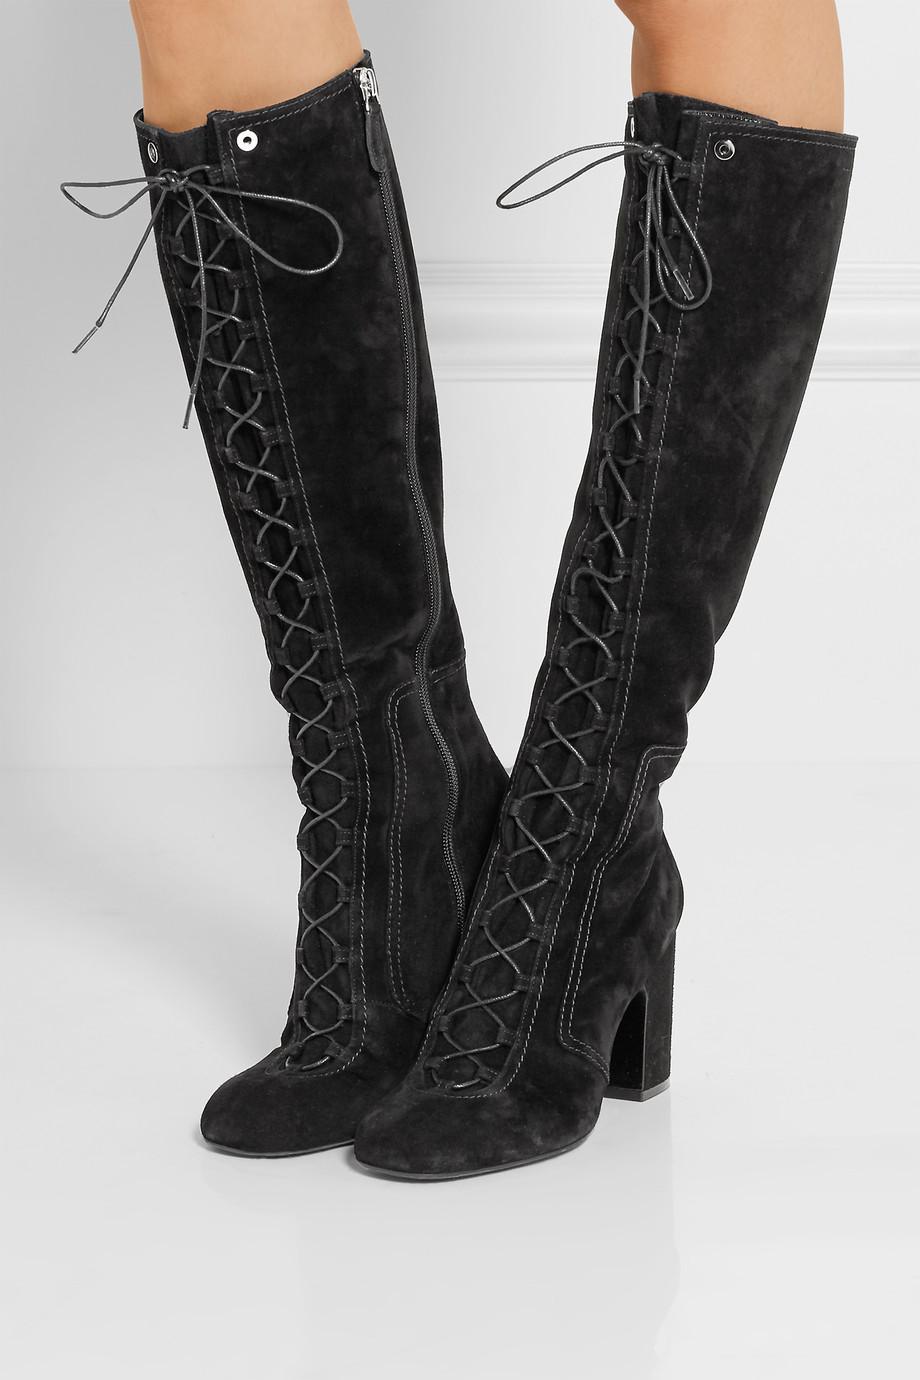 Stivali donna, quale modello preferisci?